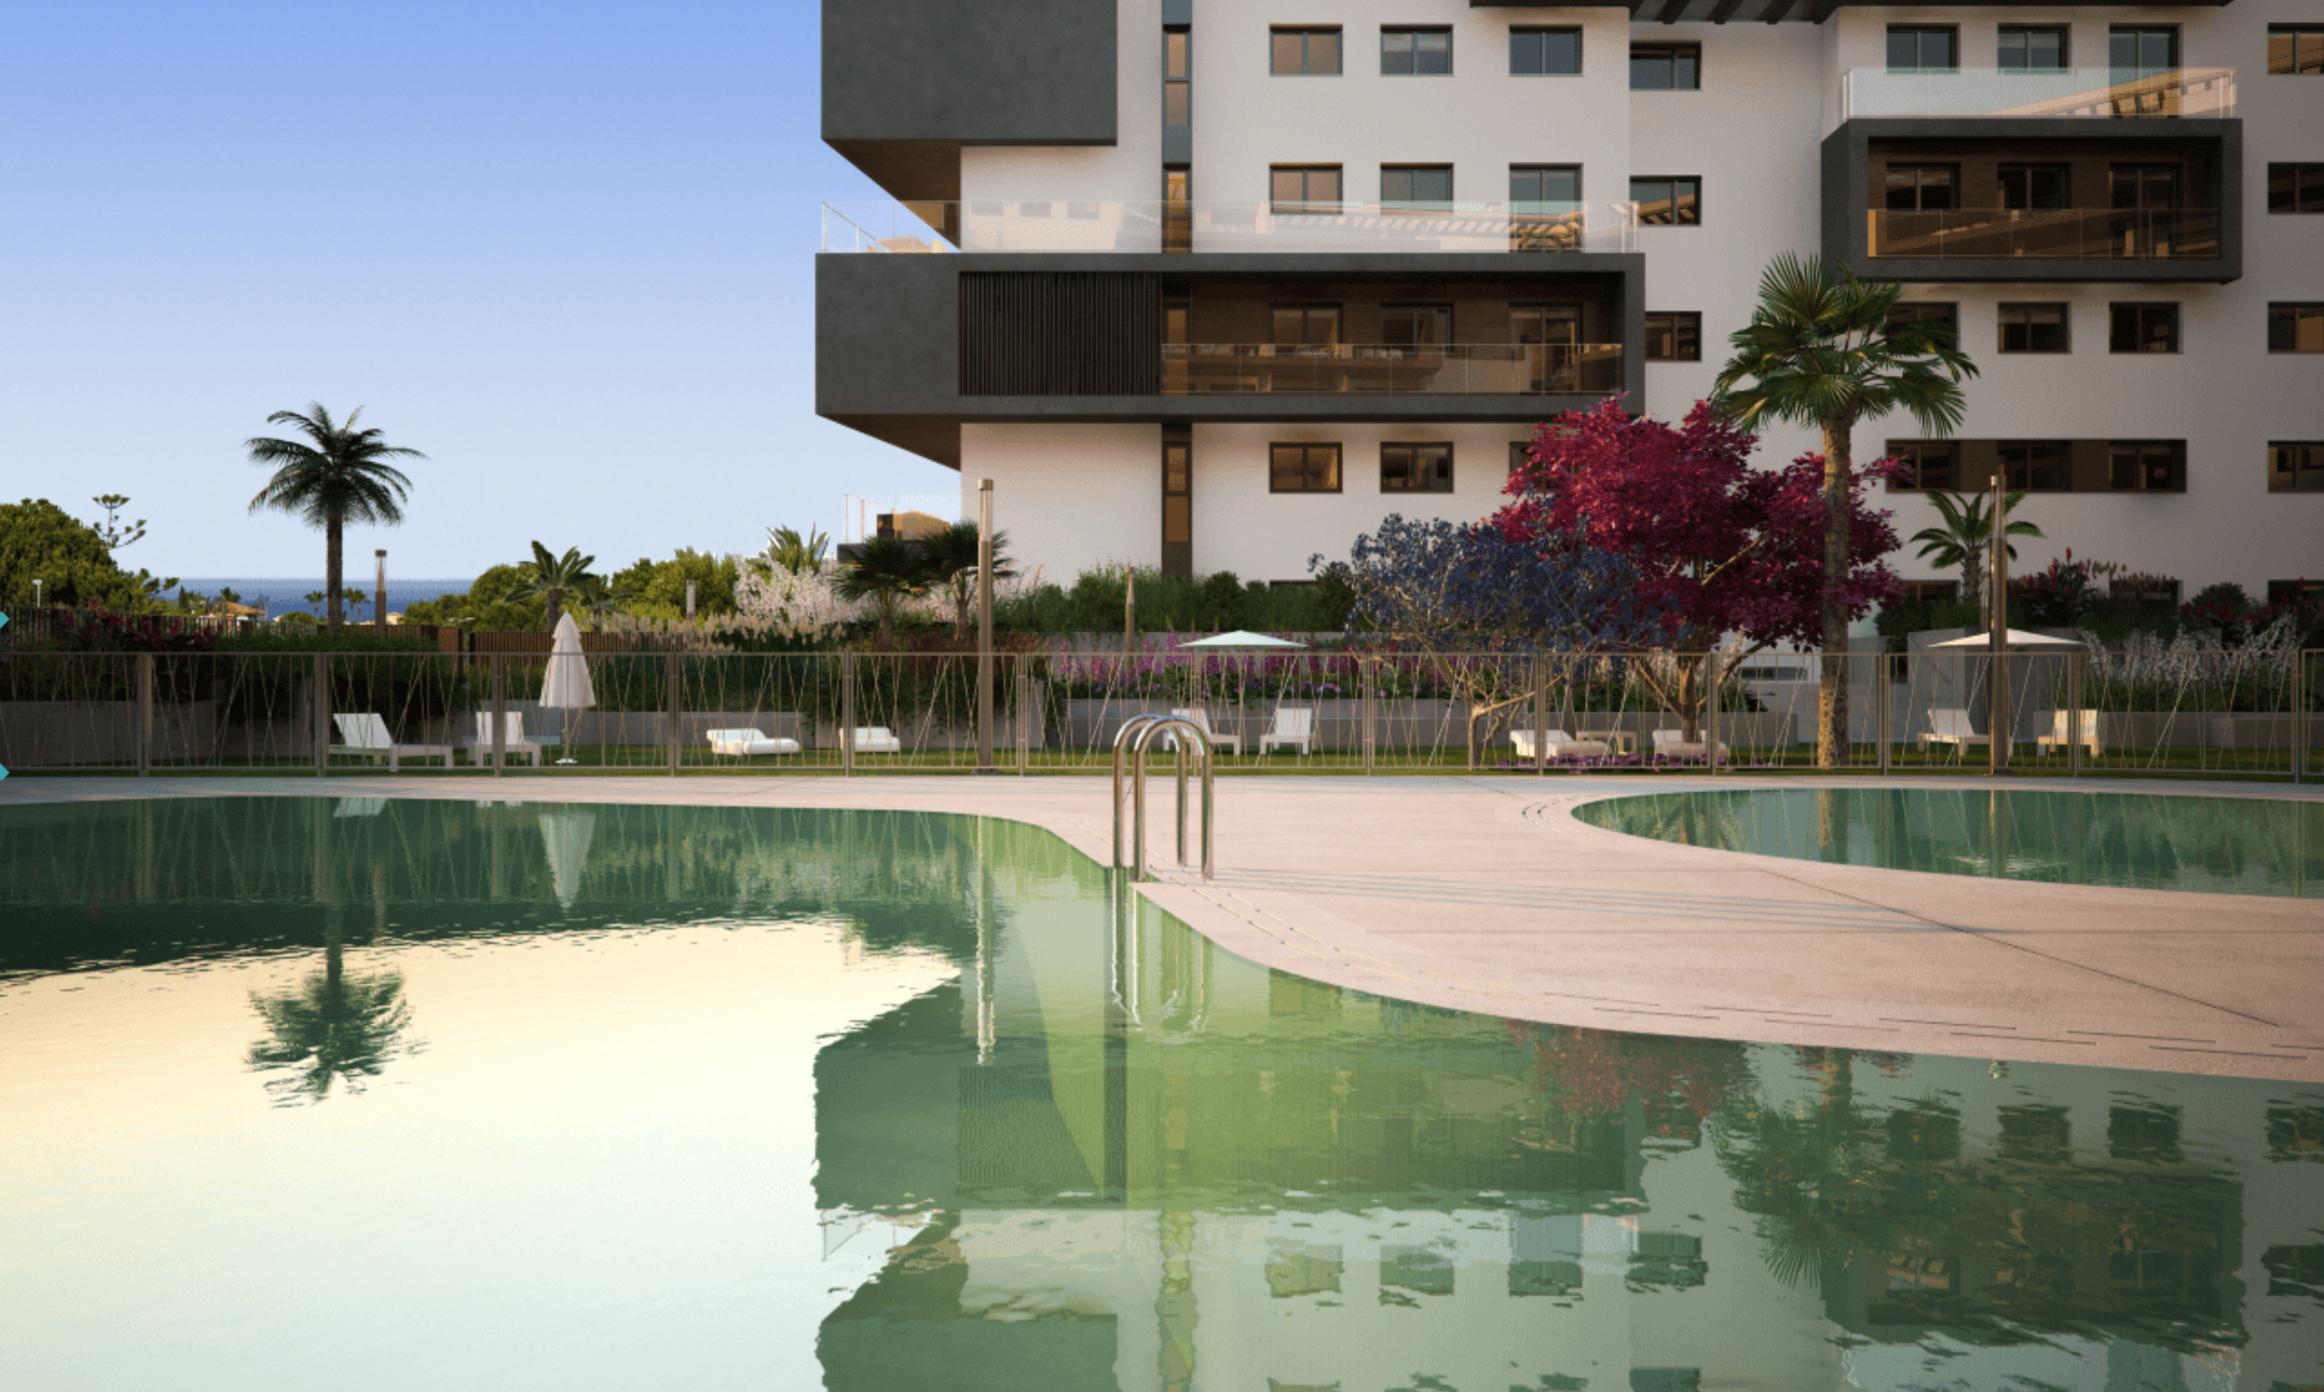 urbincasa-arranca-la-construccion-del-residencial-seagardens-en-elediterráneo-alt